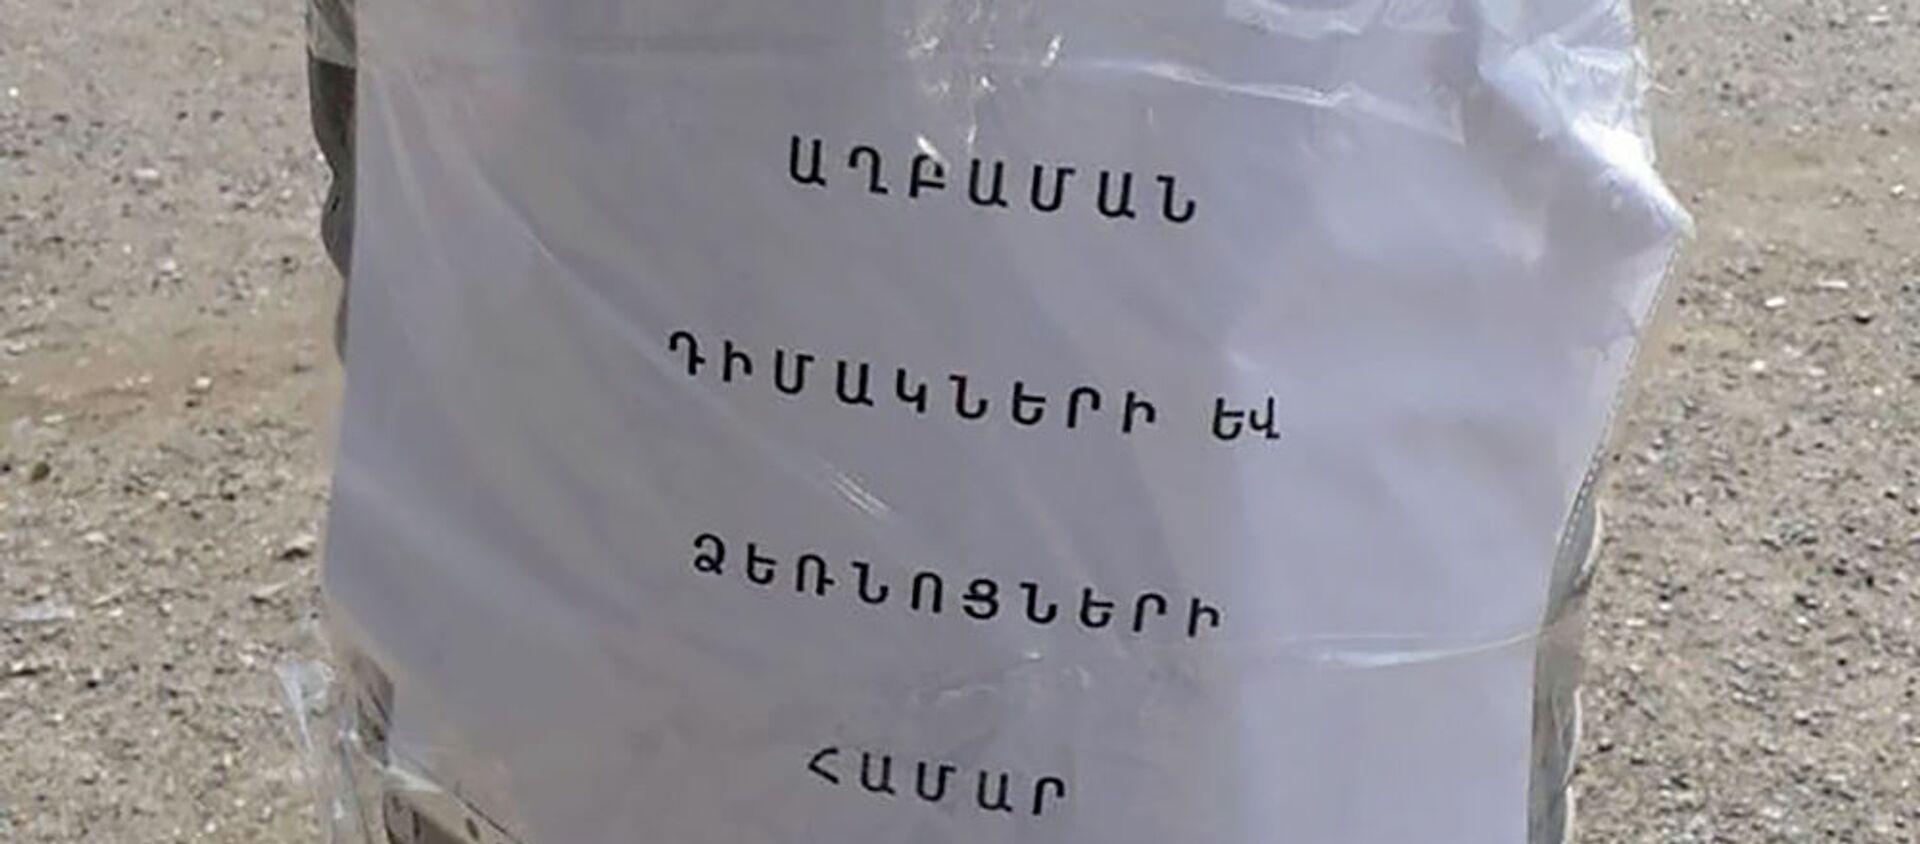 Мусорный контейнер для медицинских масок и перчаток около Национального центра пульмонологии - Sputnik Армения, 1920, 11.07.2020